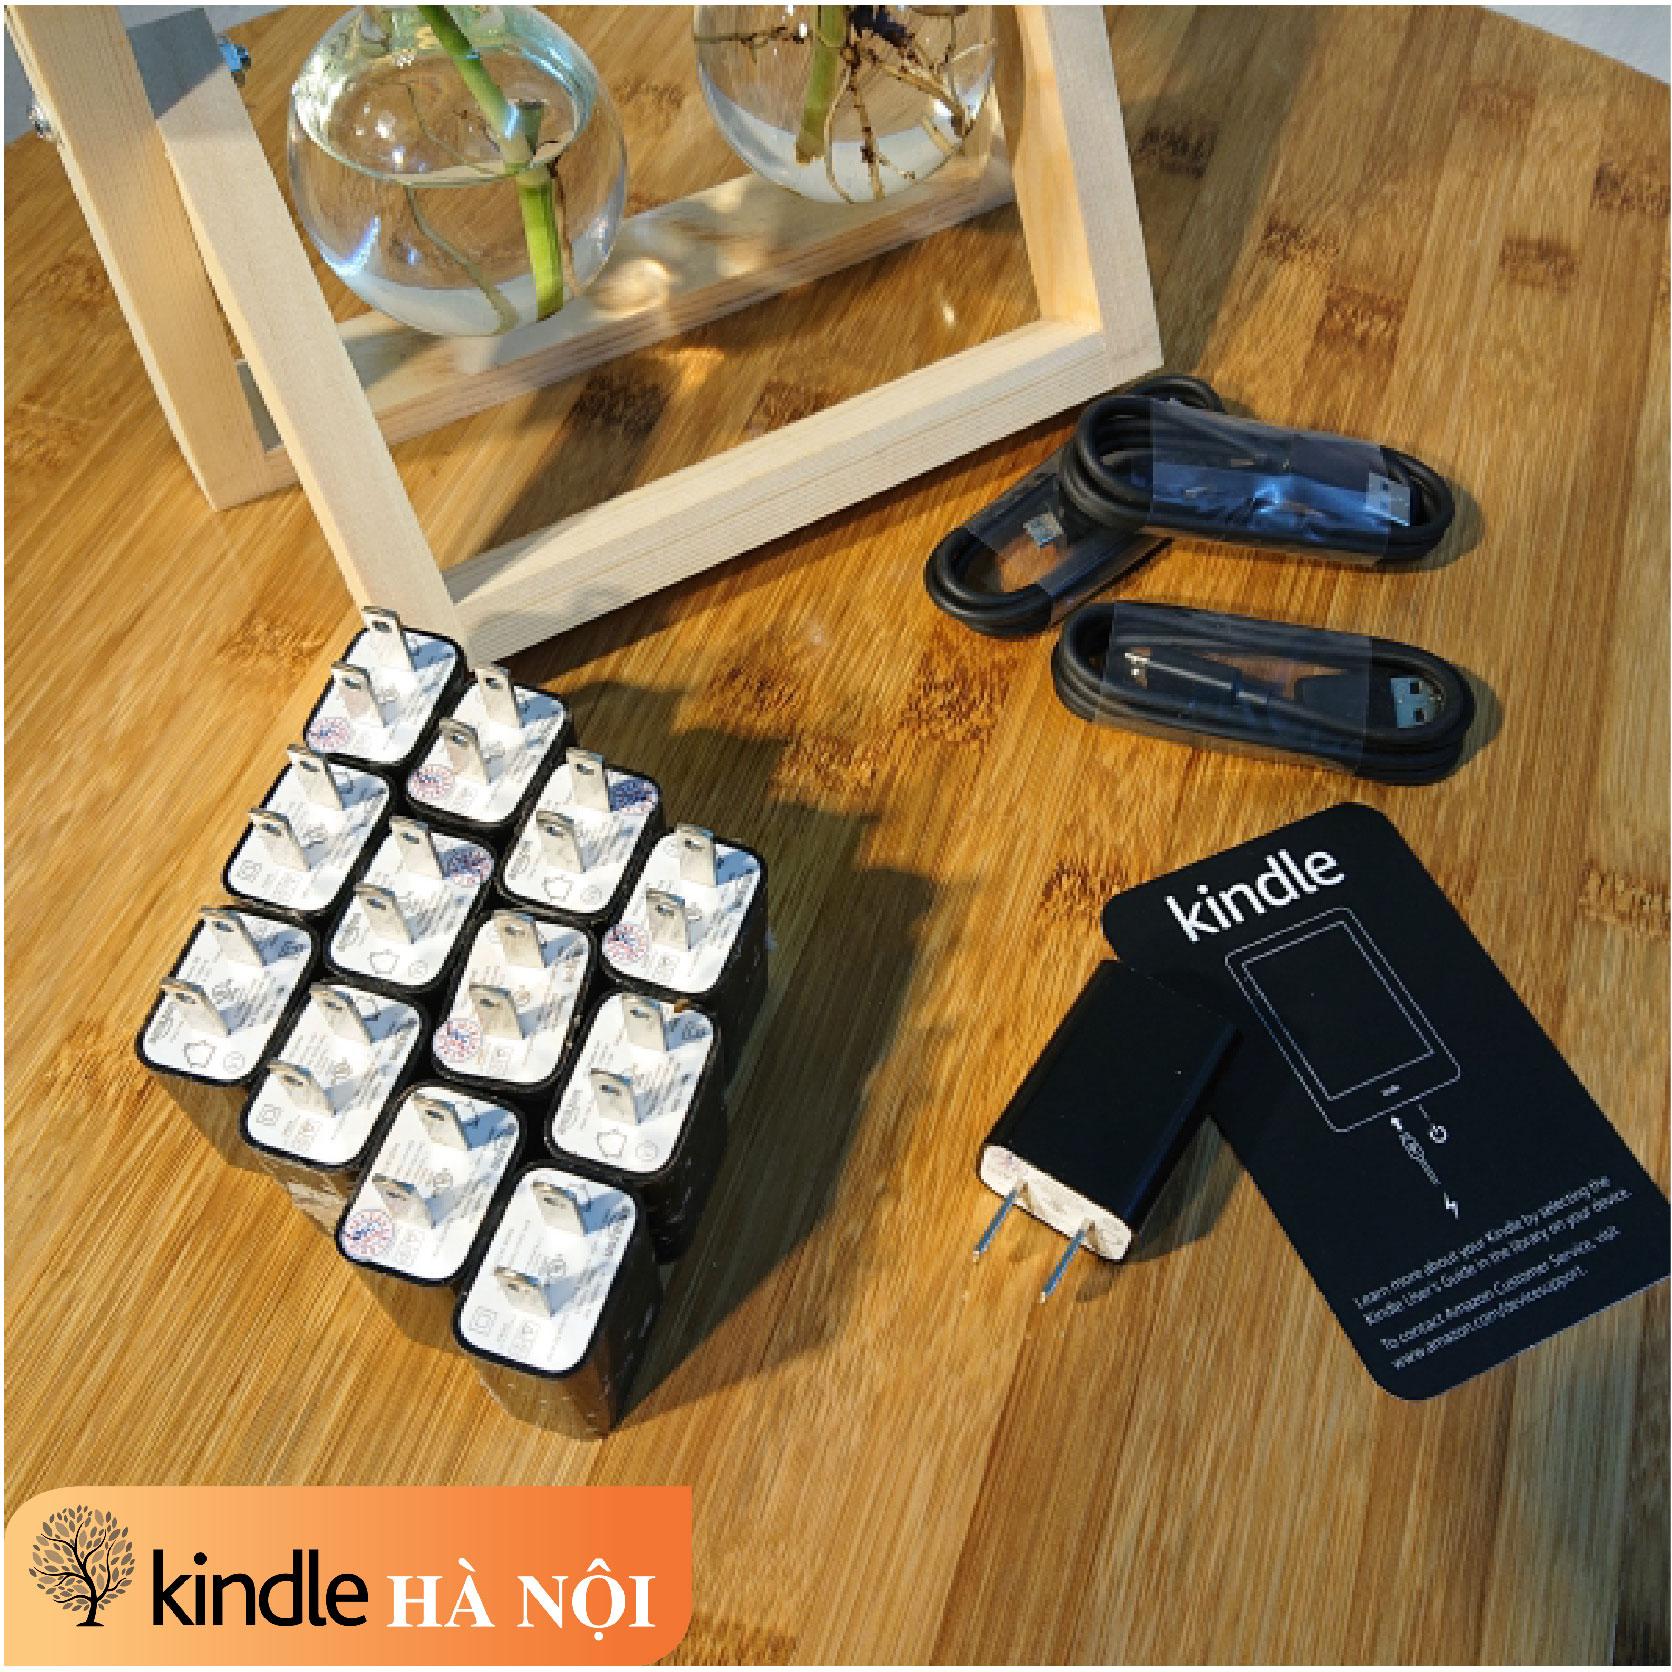 Bộ củ sạc và cáp cable sạc chính hãng Amazon cho máy đọc sách Kindle